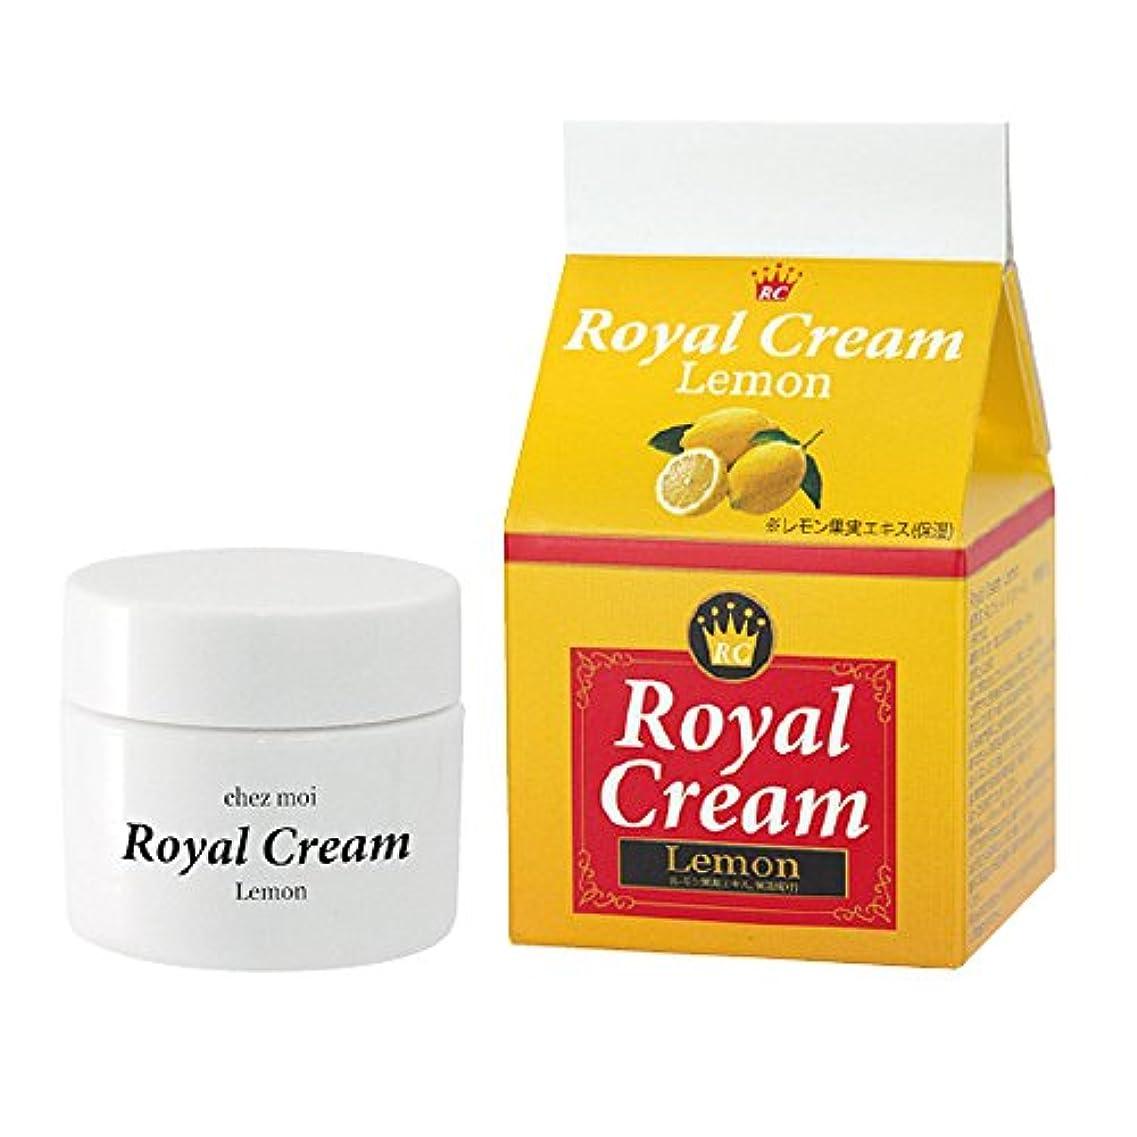 不合格溢れんばかりのカトリック教徒シェモア Royal Cream Lemon(ロイヤルクリームレモン) 30g